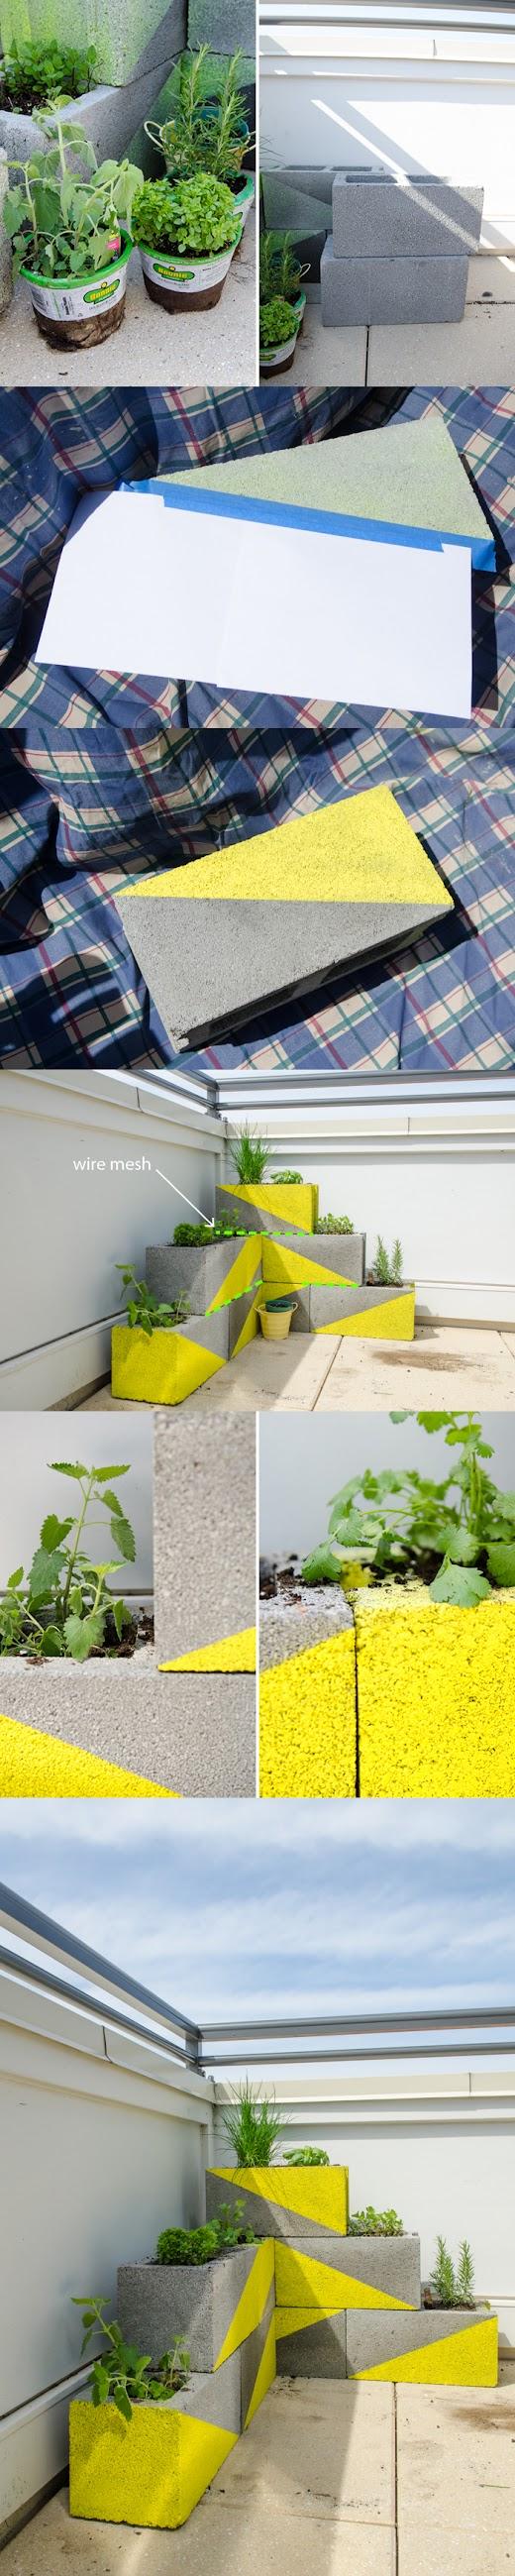 How to peque a jardinera con bloques de hormig n - Jardinera hormigon ...